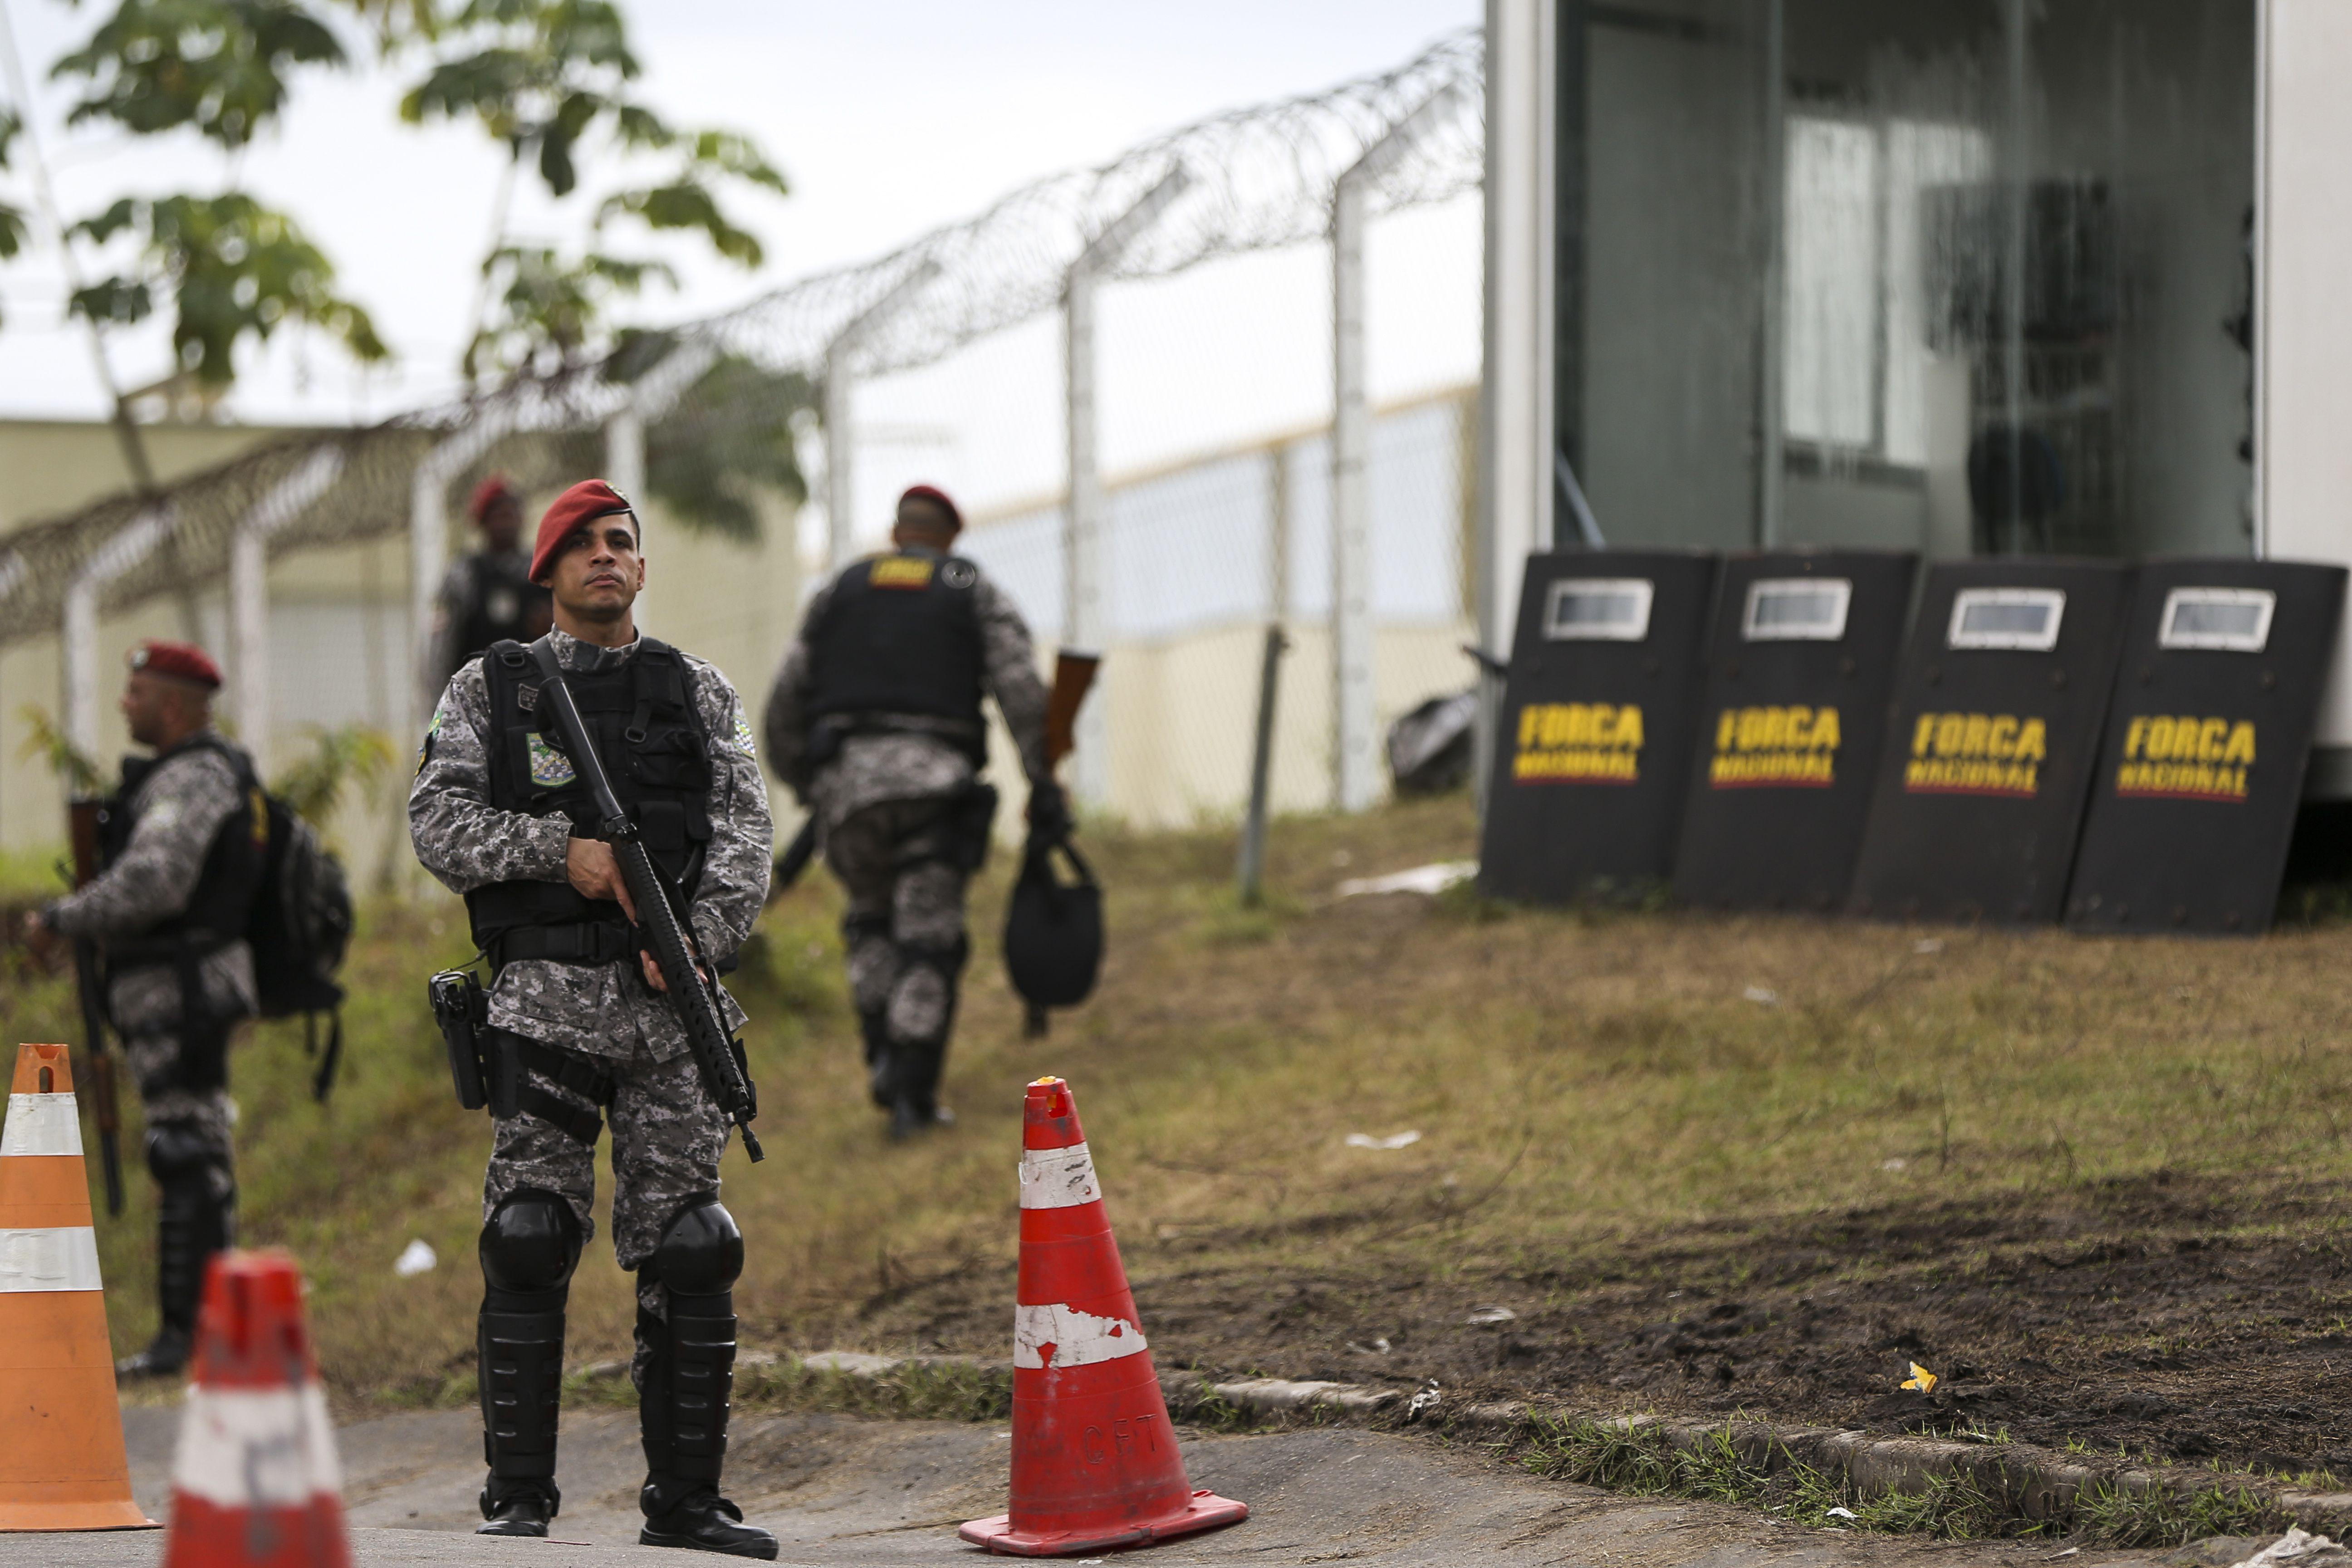 Agentes da Força Nacional no acesso ao Complexo Penitenciário Anísio Jobim (Compaj), em Manaus. (Marcelo Camargo/Agência Brasil)